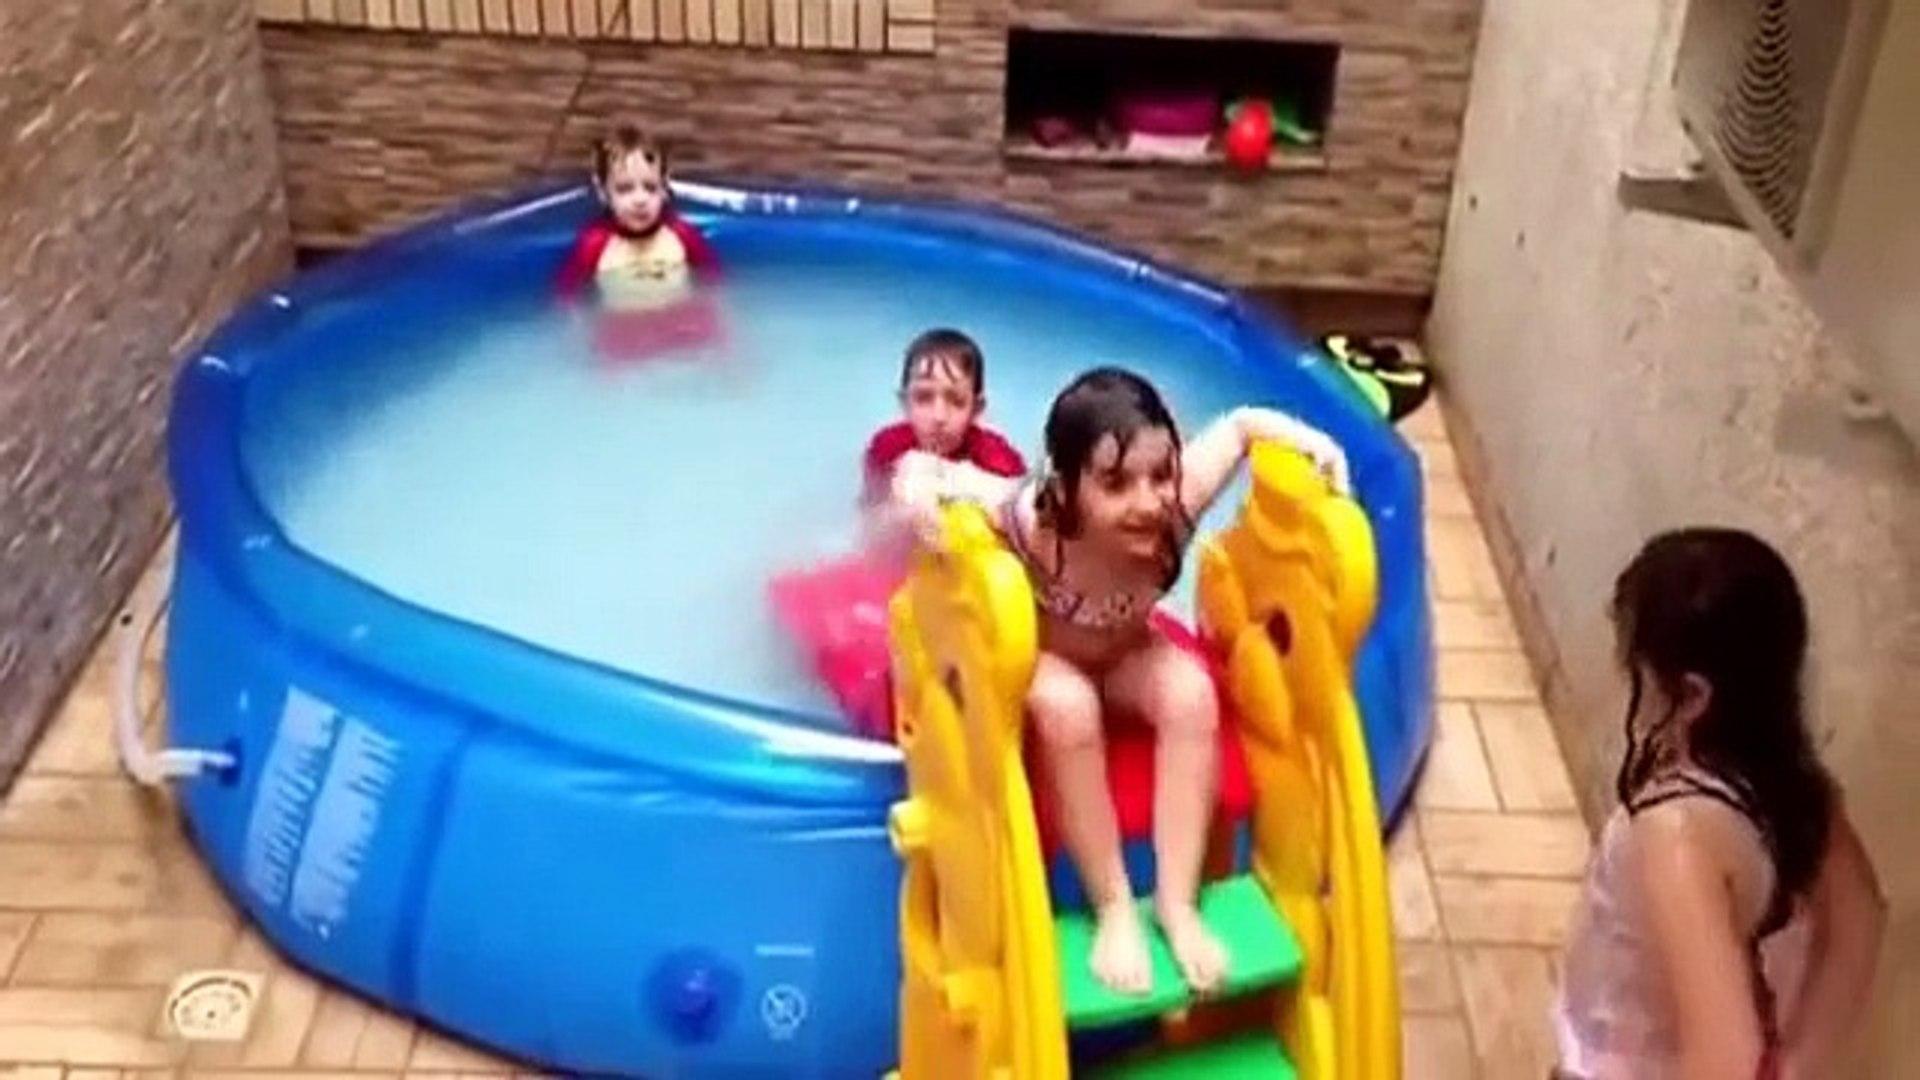 اطفال يسبحون حمام سباحة فى المنزل رائع جدااا 2014 Video Dailymotion